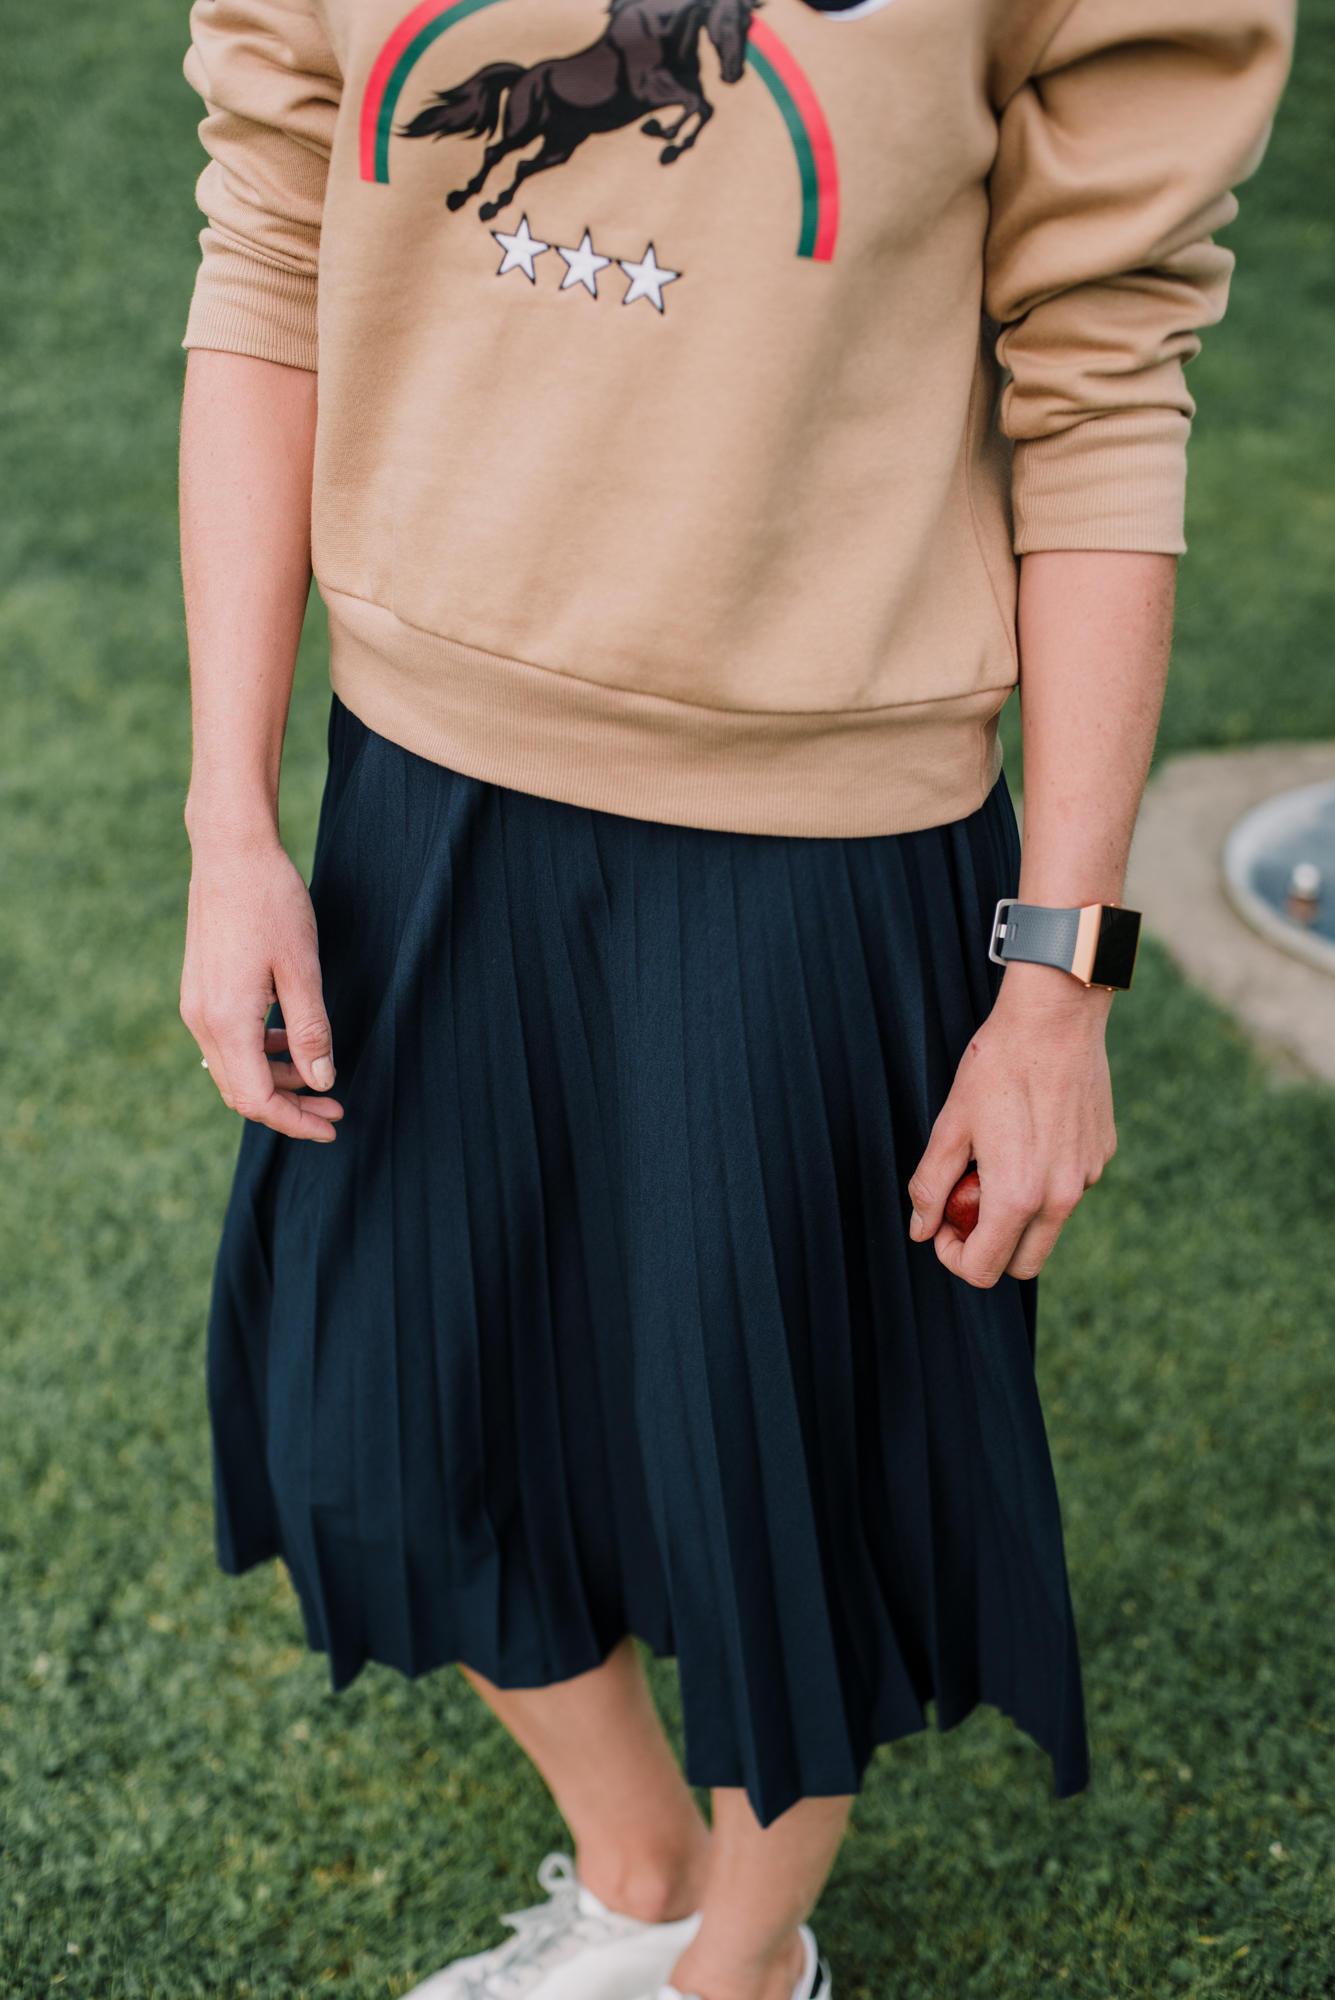 Marks & Spencer leanmeanmomma uniform ladies wear